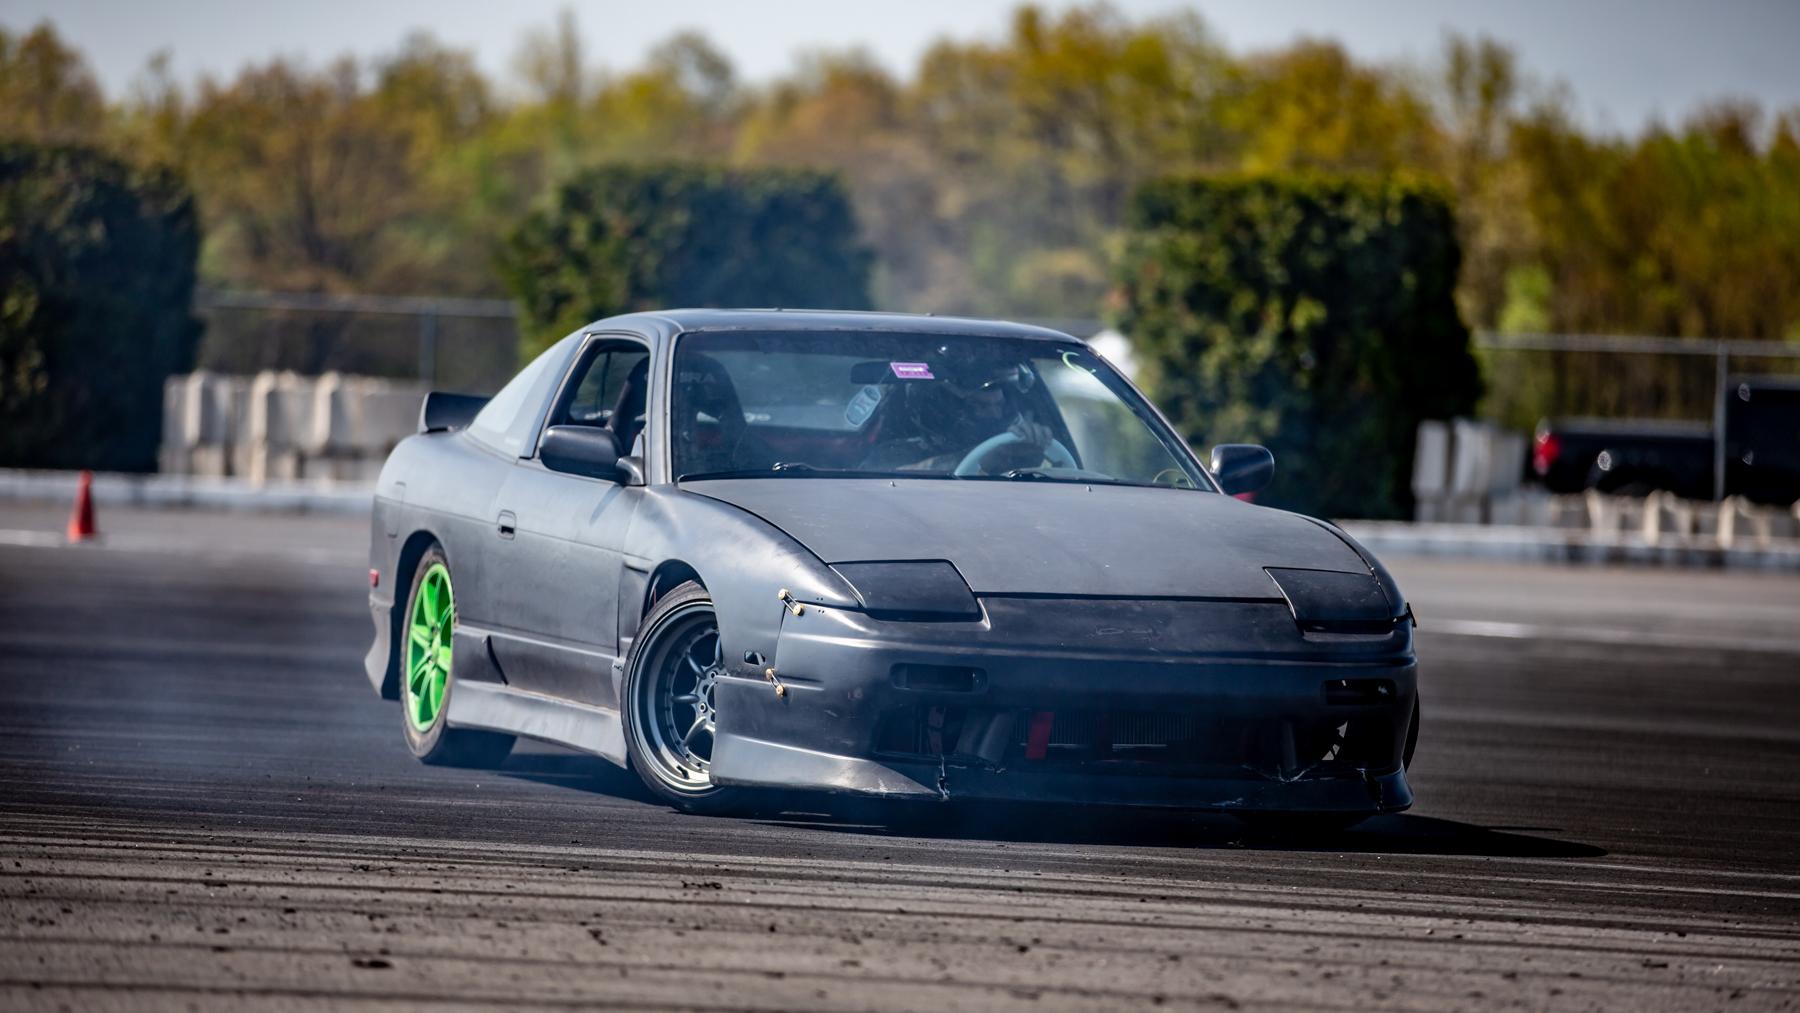 Drift-6955